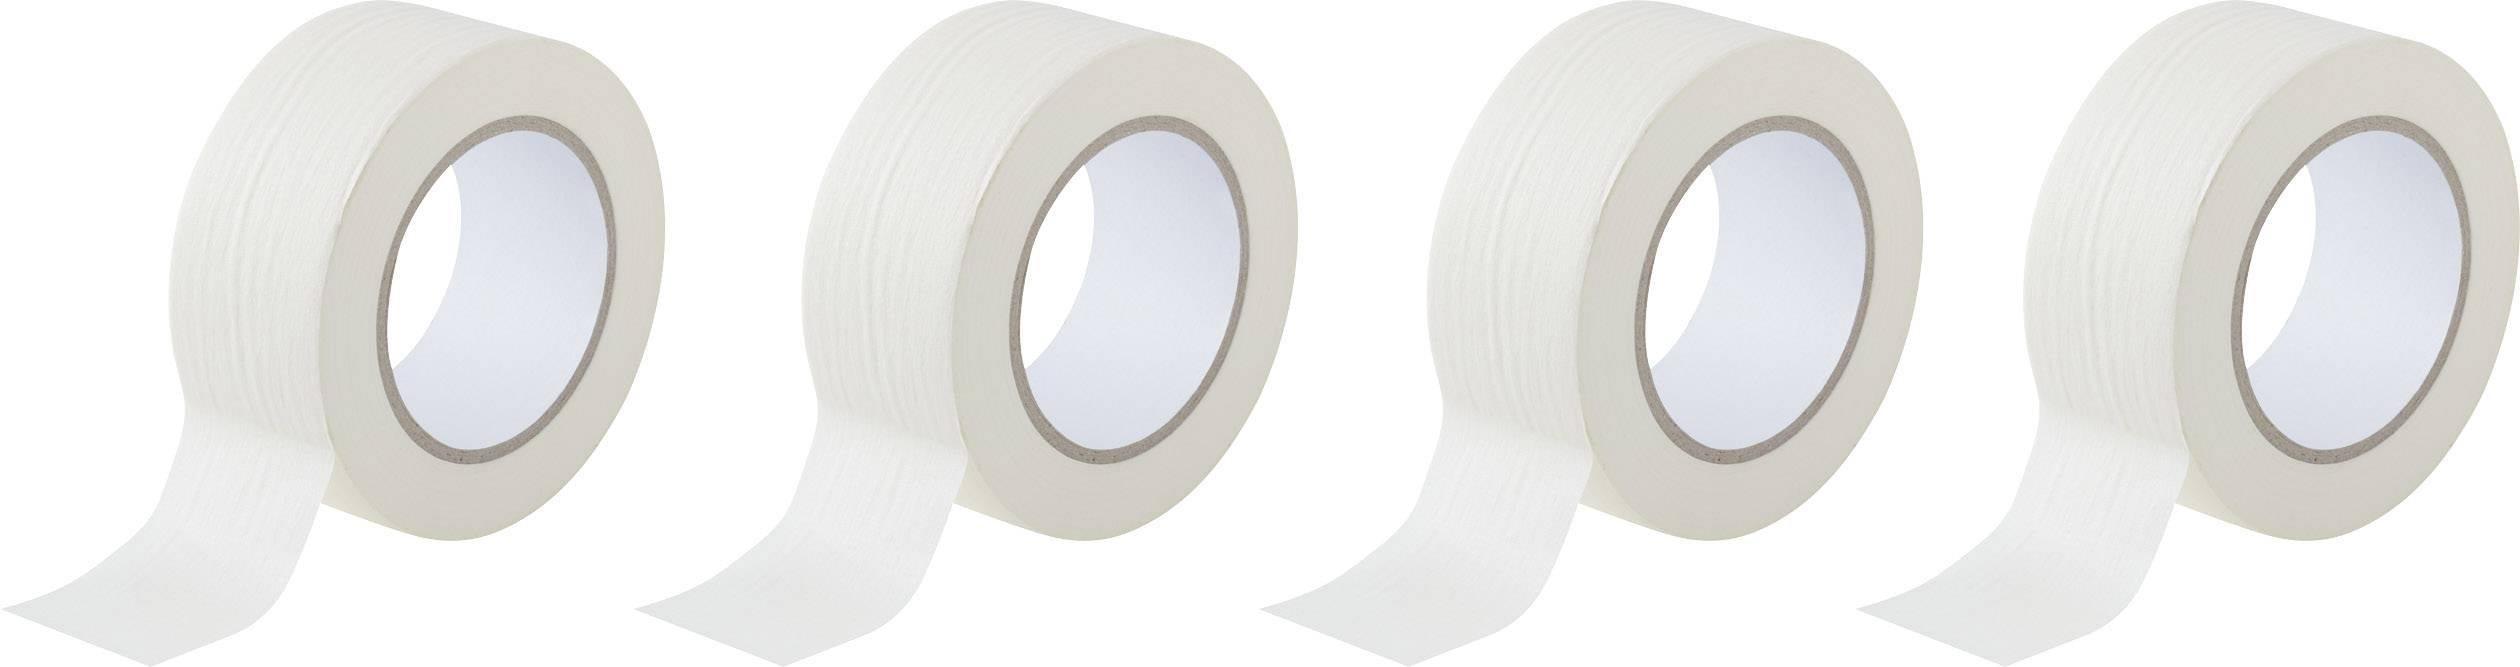 Krepová lepiaca páska TOOLCRAFT 93038c191 93038c191, (d x š) 50 m x 50 mm, biela, 4 roliek